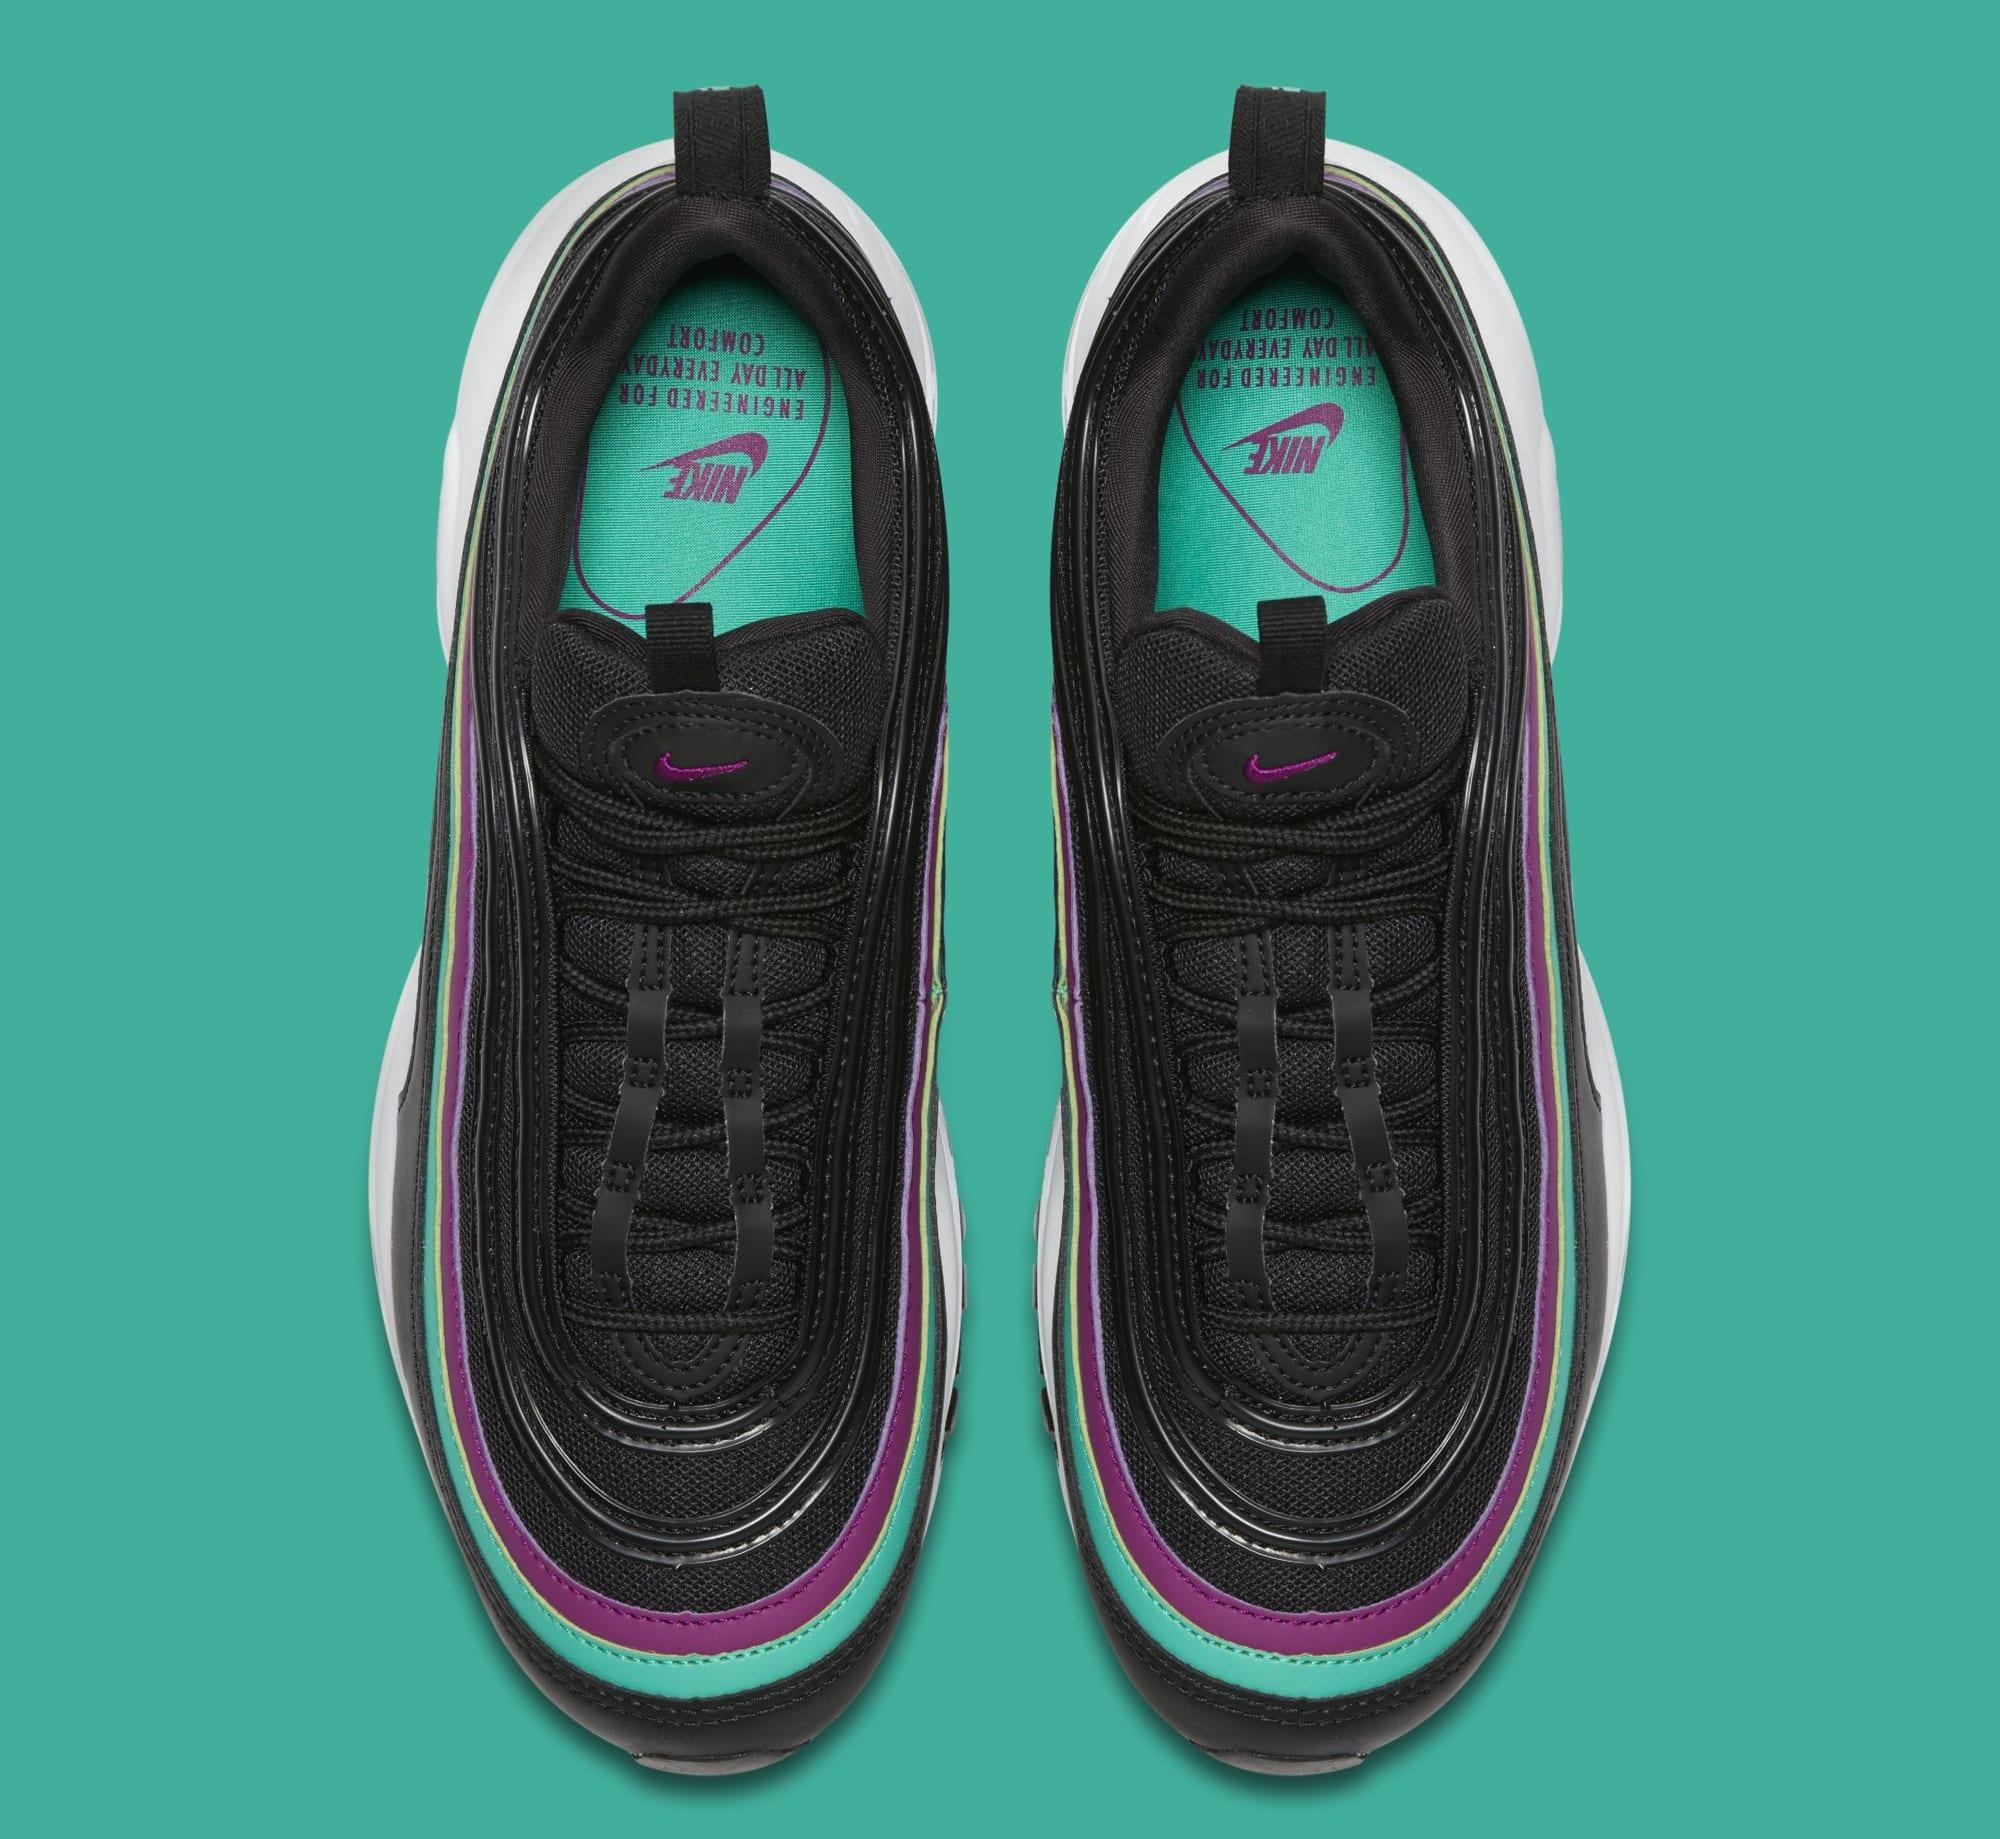 Nike Air Max 97 WMNS 'Black/Bright Grape/Clear Emerald' 921733-008 (Top)